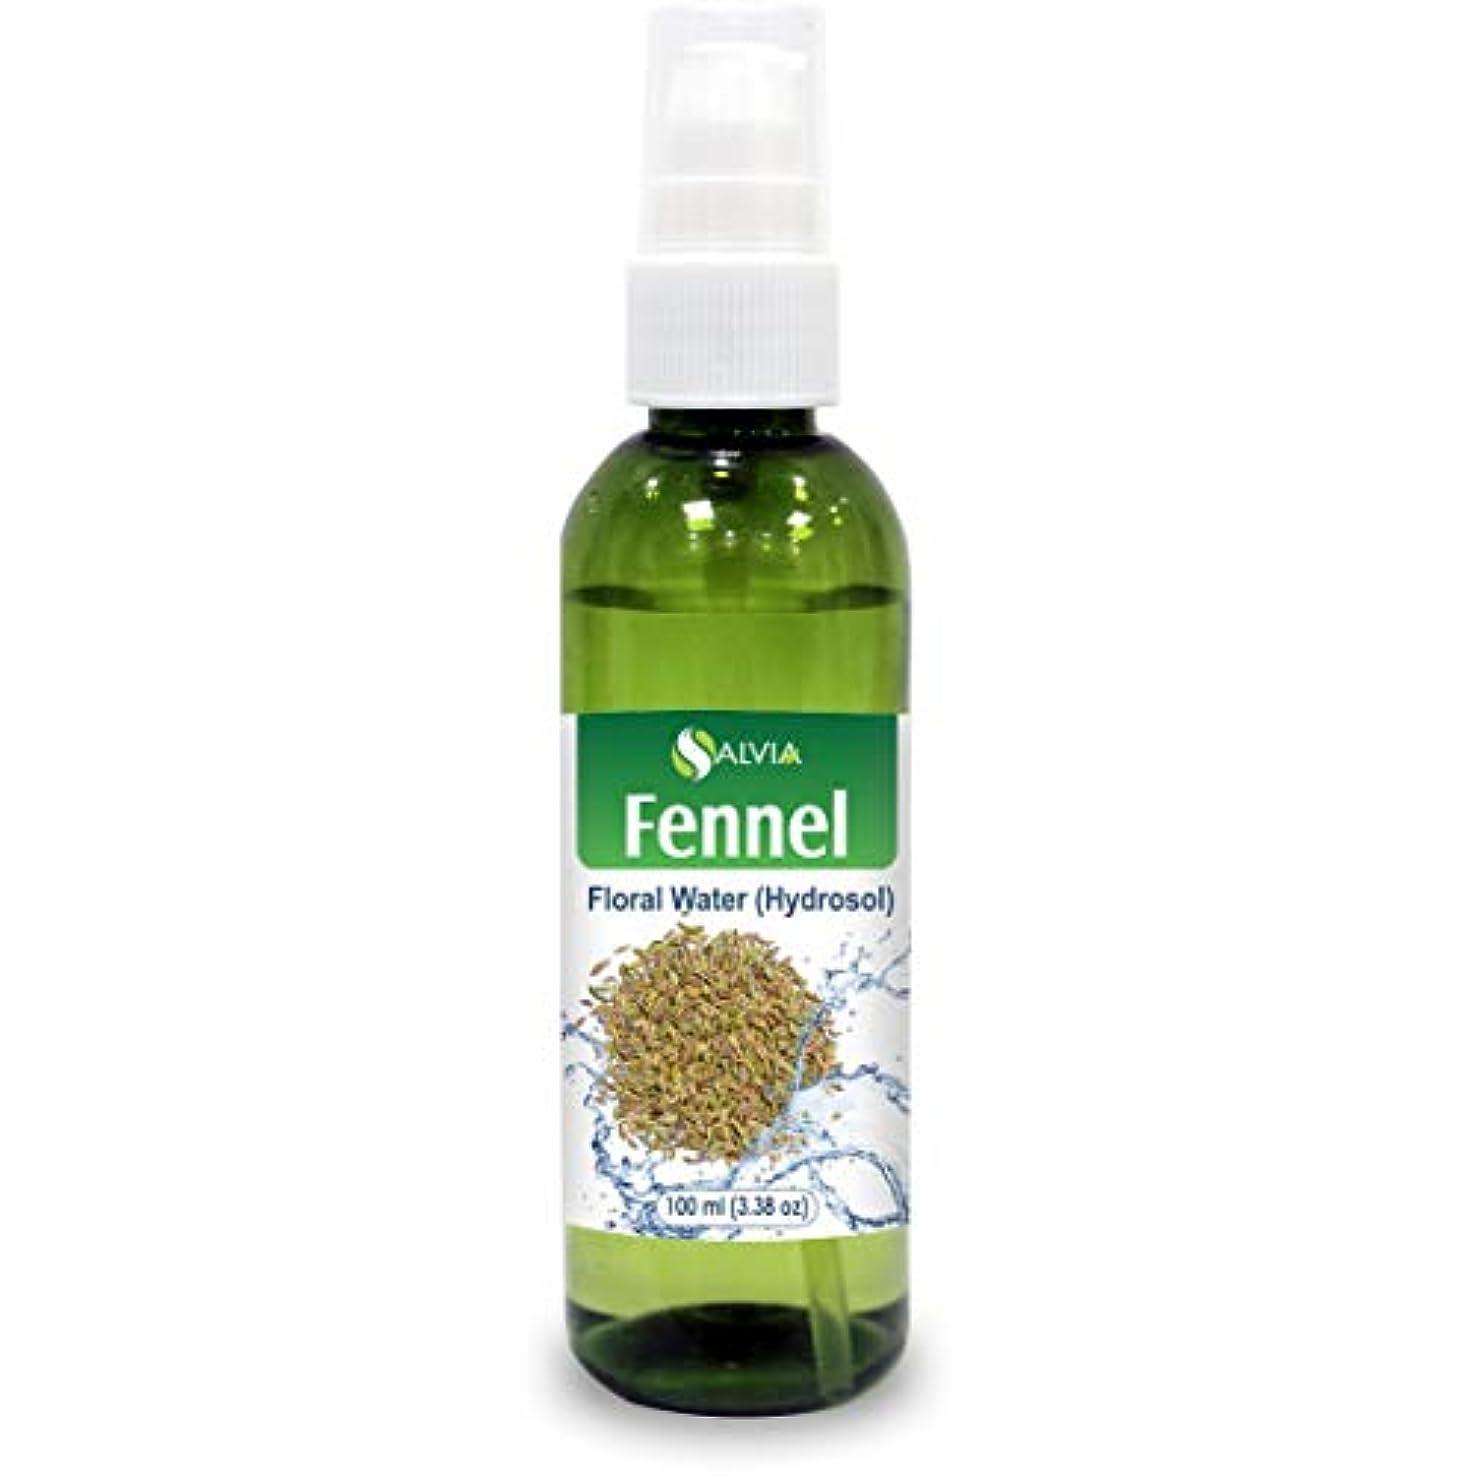 ヘロイン手当慣らすFennel Floral Water 100ml (Hydrosol) 100% Pure And Natural